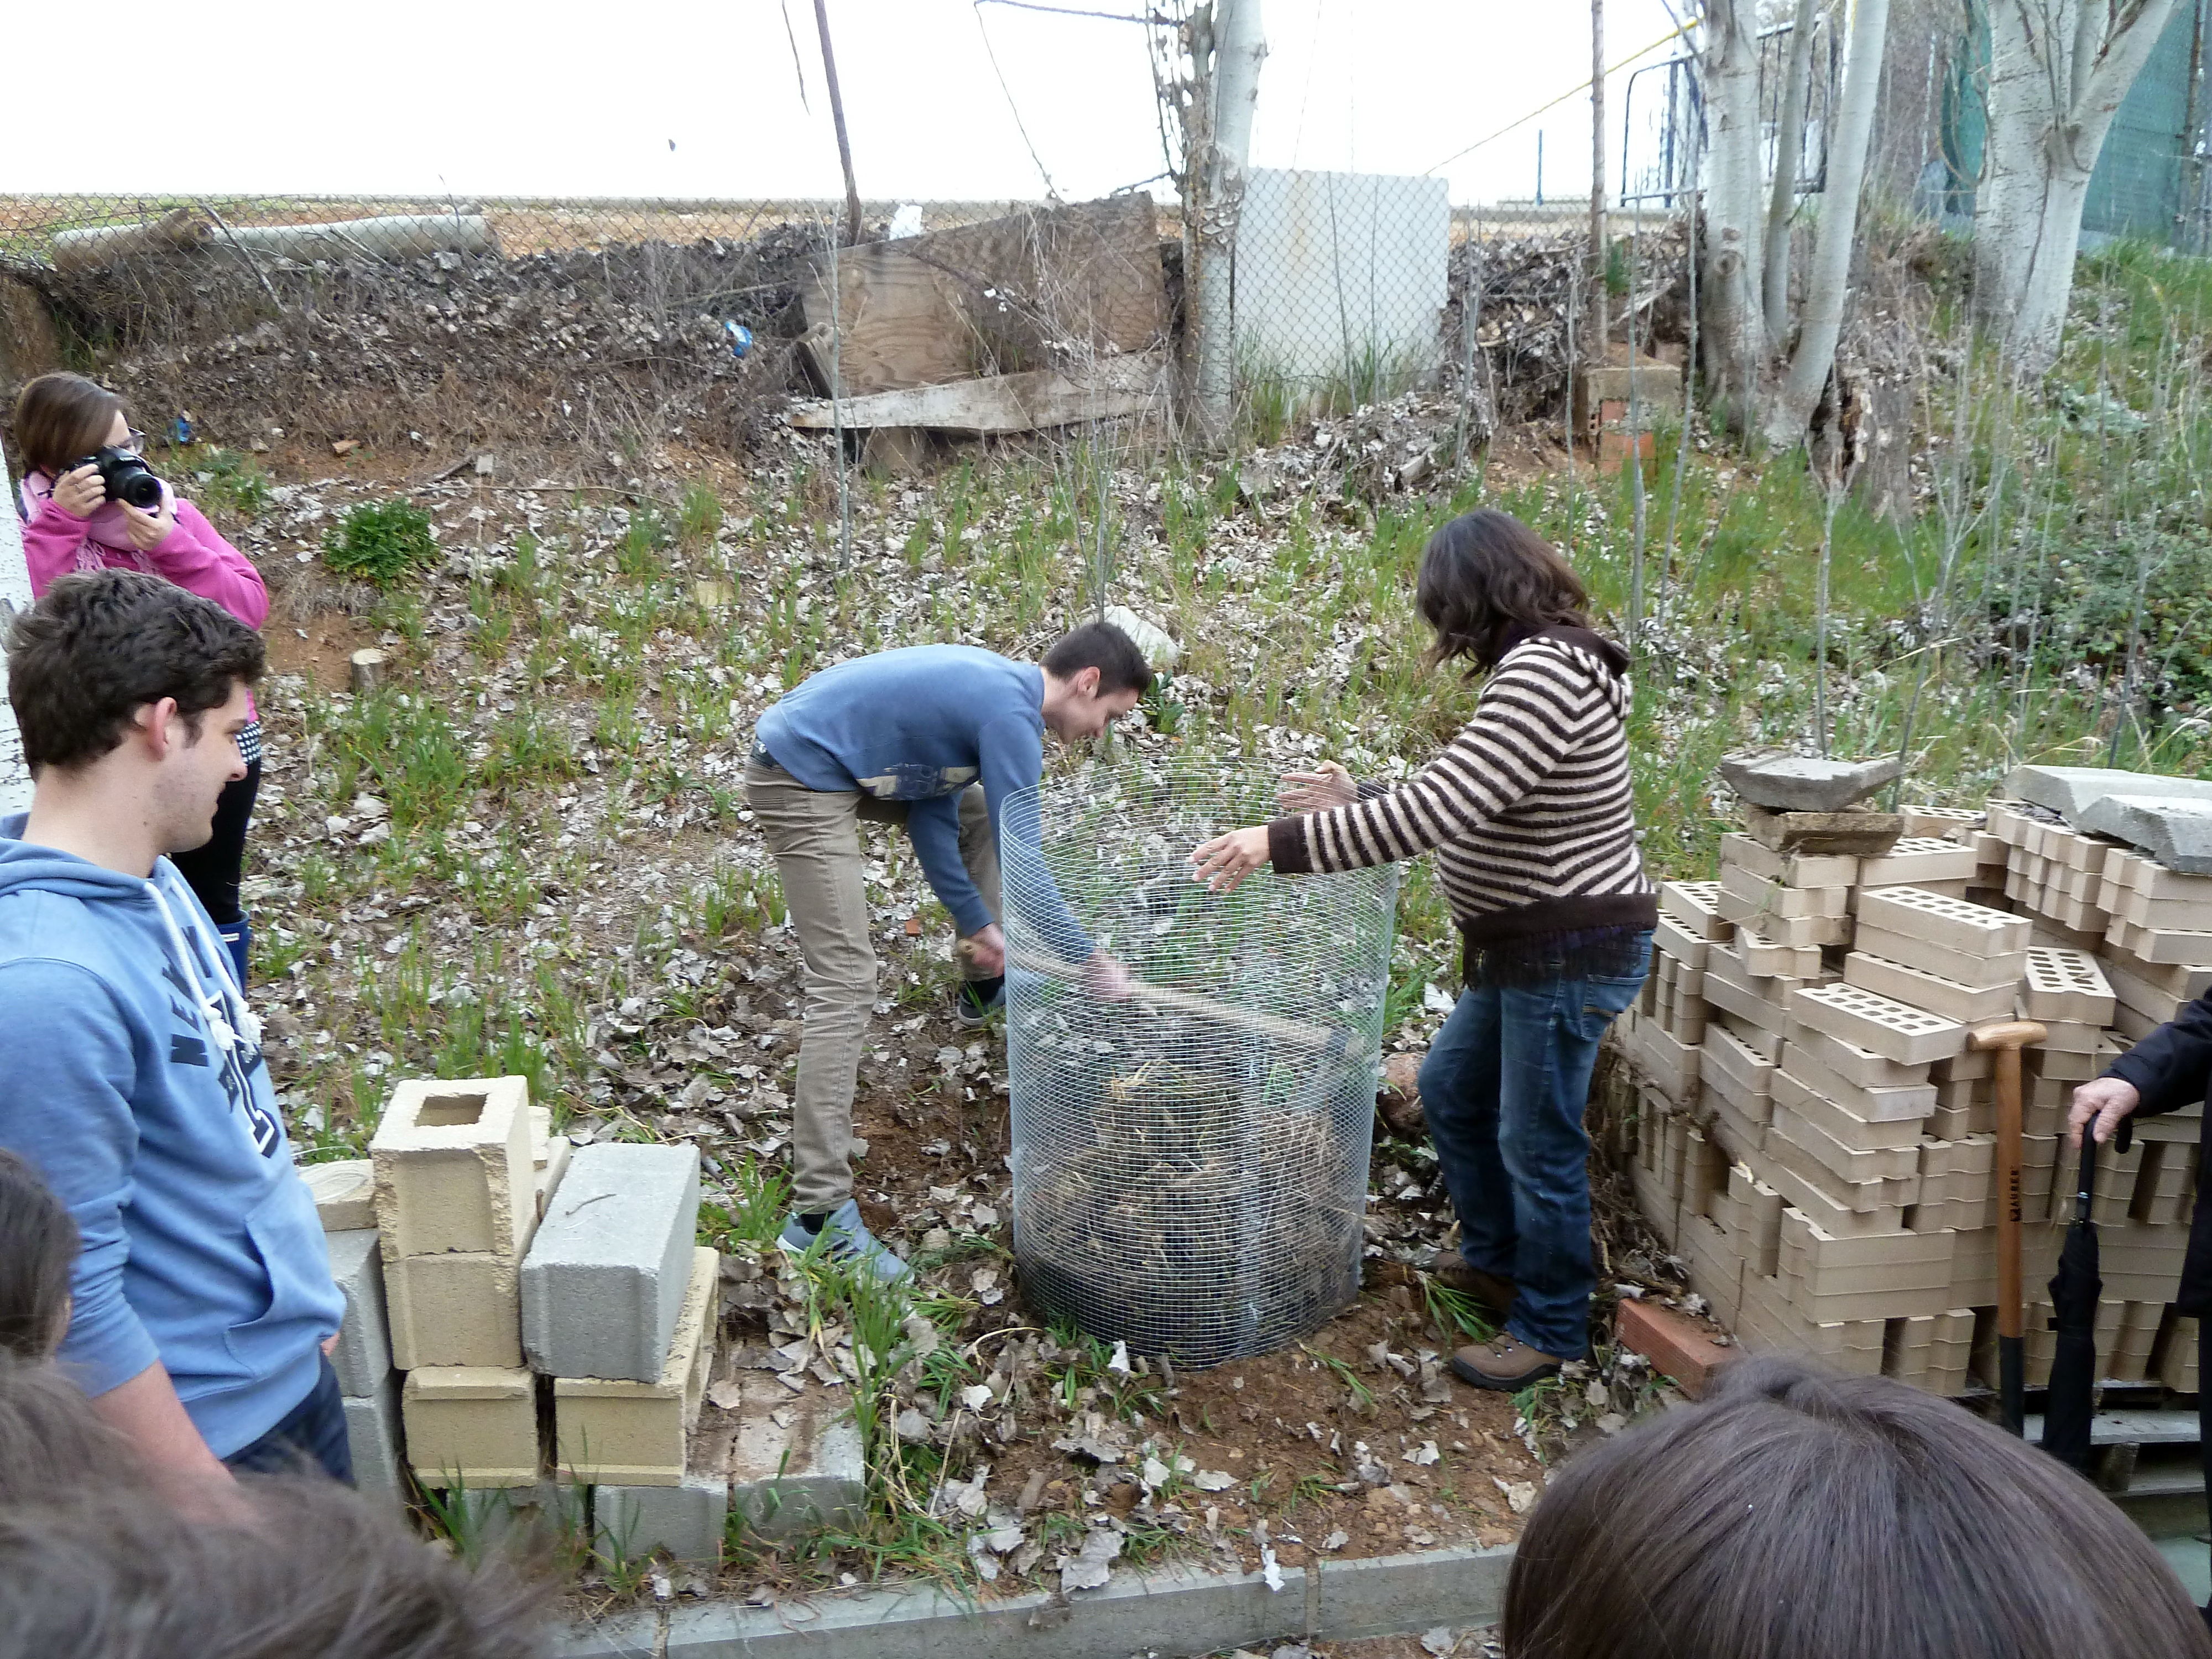 Un total de 71 estudiantes participan en el taller de compostaje organizado por el Colegio Mayor San Bartolomé